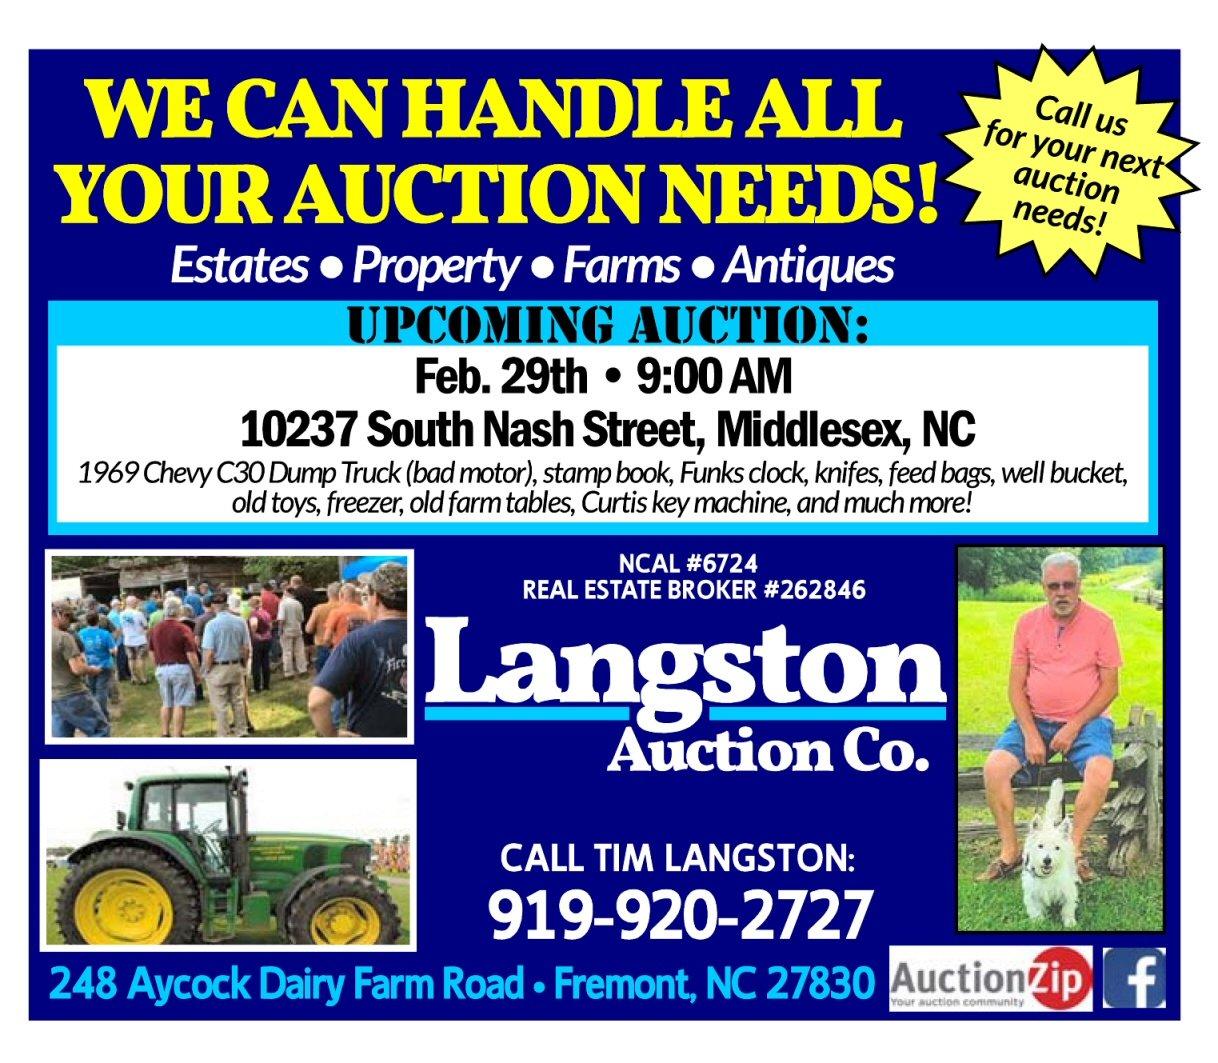 https://0201.nccdn.net/1_2/000/000/09c/46f/Langston-Auction-020620-1218x1063.jpg